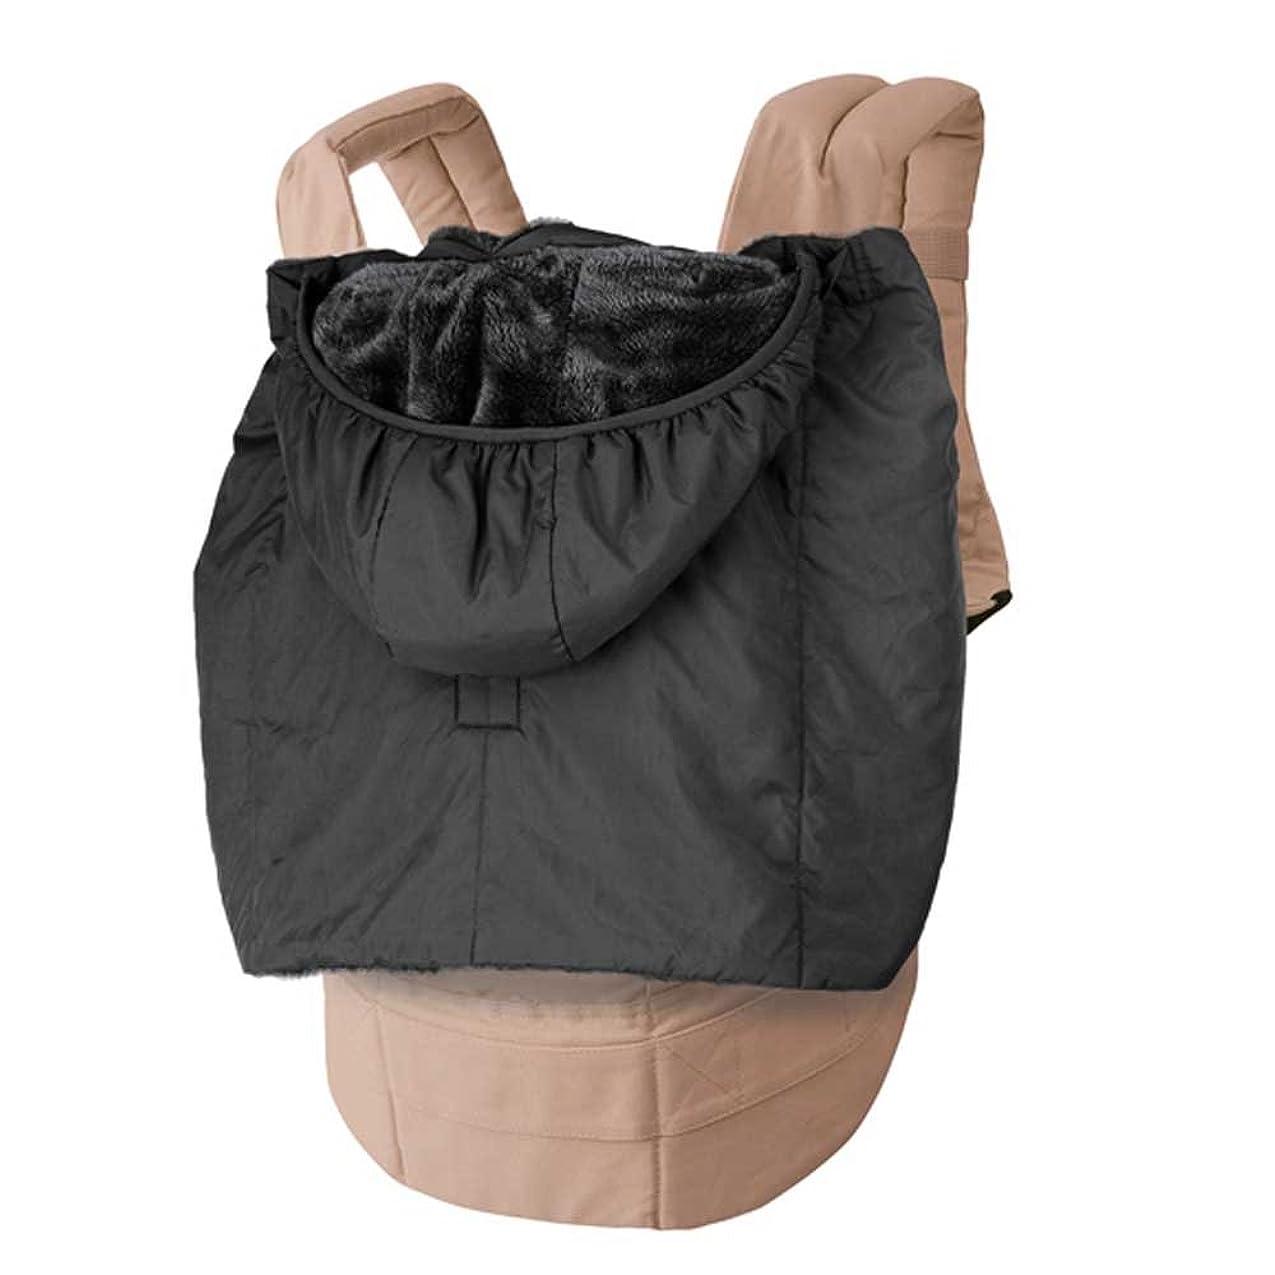 紳士気取りの、きざなシロクマ不適スリーププラス ベビーカー フットマフ 洗える 防ダニ ベビー用 寝袋 サイズ 100cm イエロー